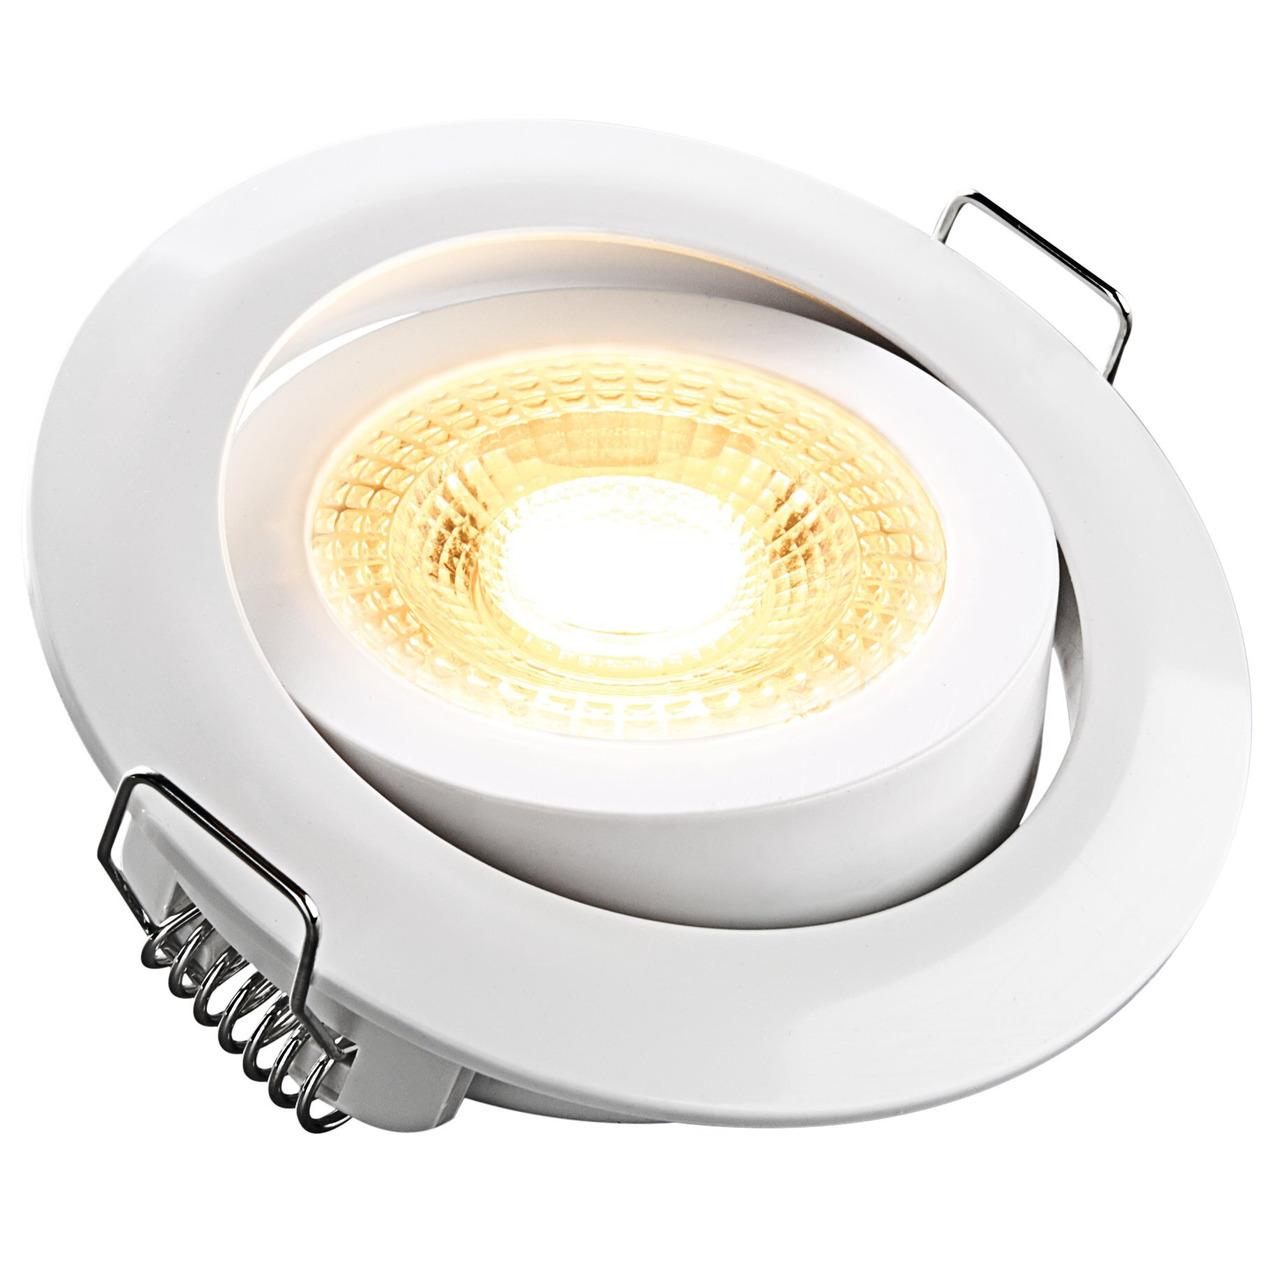 HEITRONIC 5-W-LED-Einbaustrahler DL7202- rund- schwenkbar- weiund-223 - dimmbar per Lichtschalter- IP20